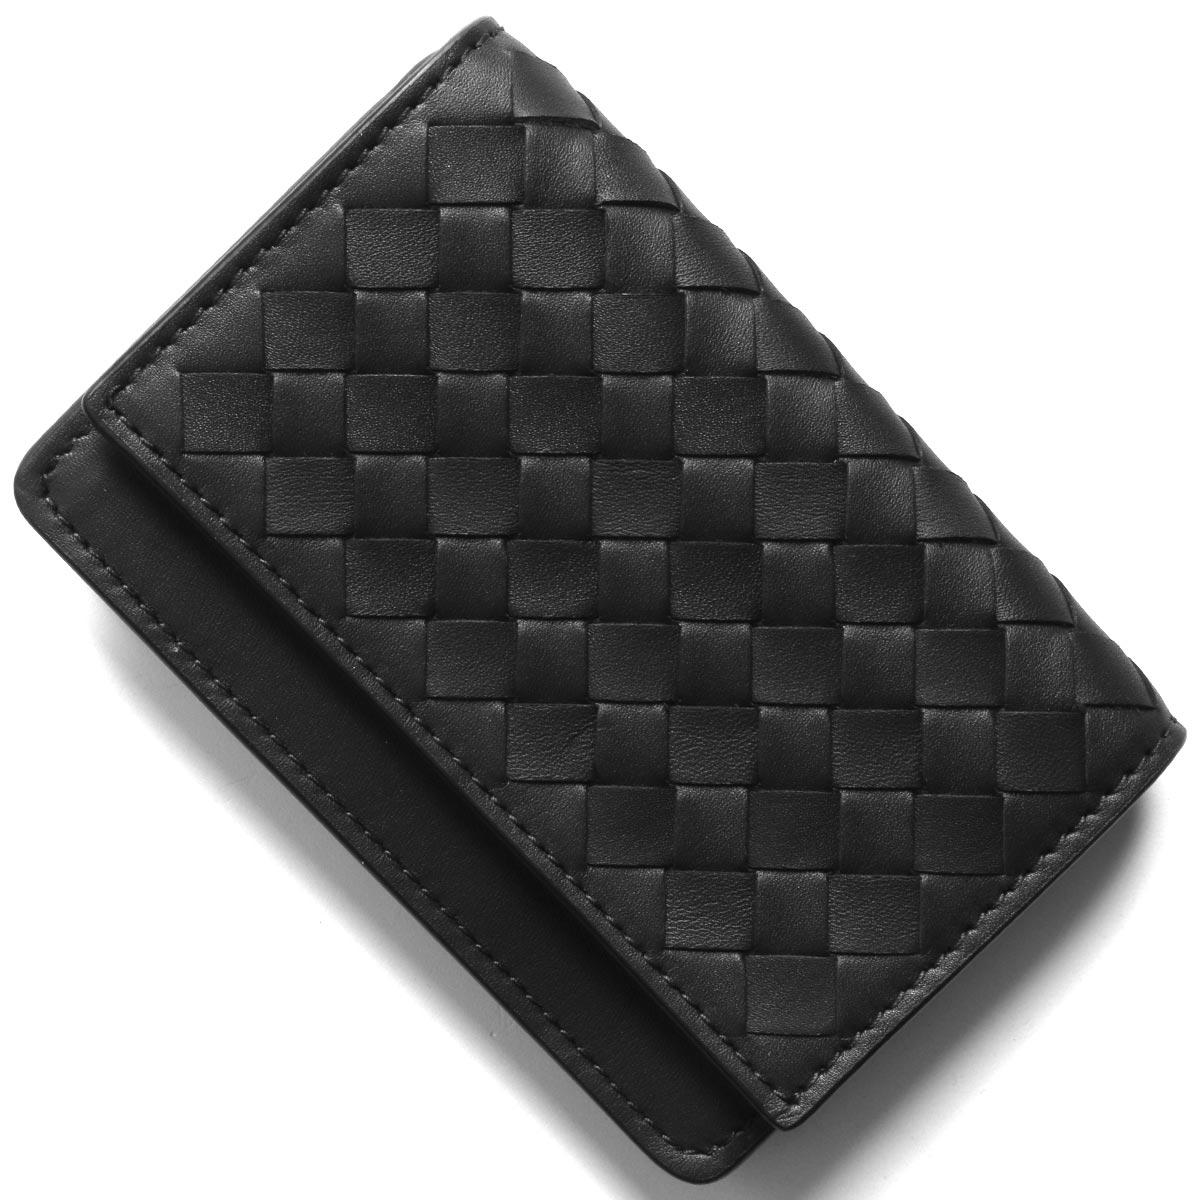 ボッテガヴェネタ (ボッテガ・ヴェネタ) カードケース/名刺入れ メンズ イントレチャート ブラック 529121 V4651 1000 BOTTEGA VENETA